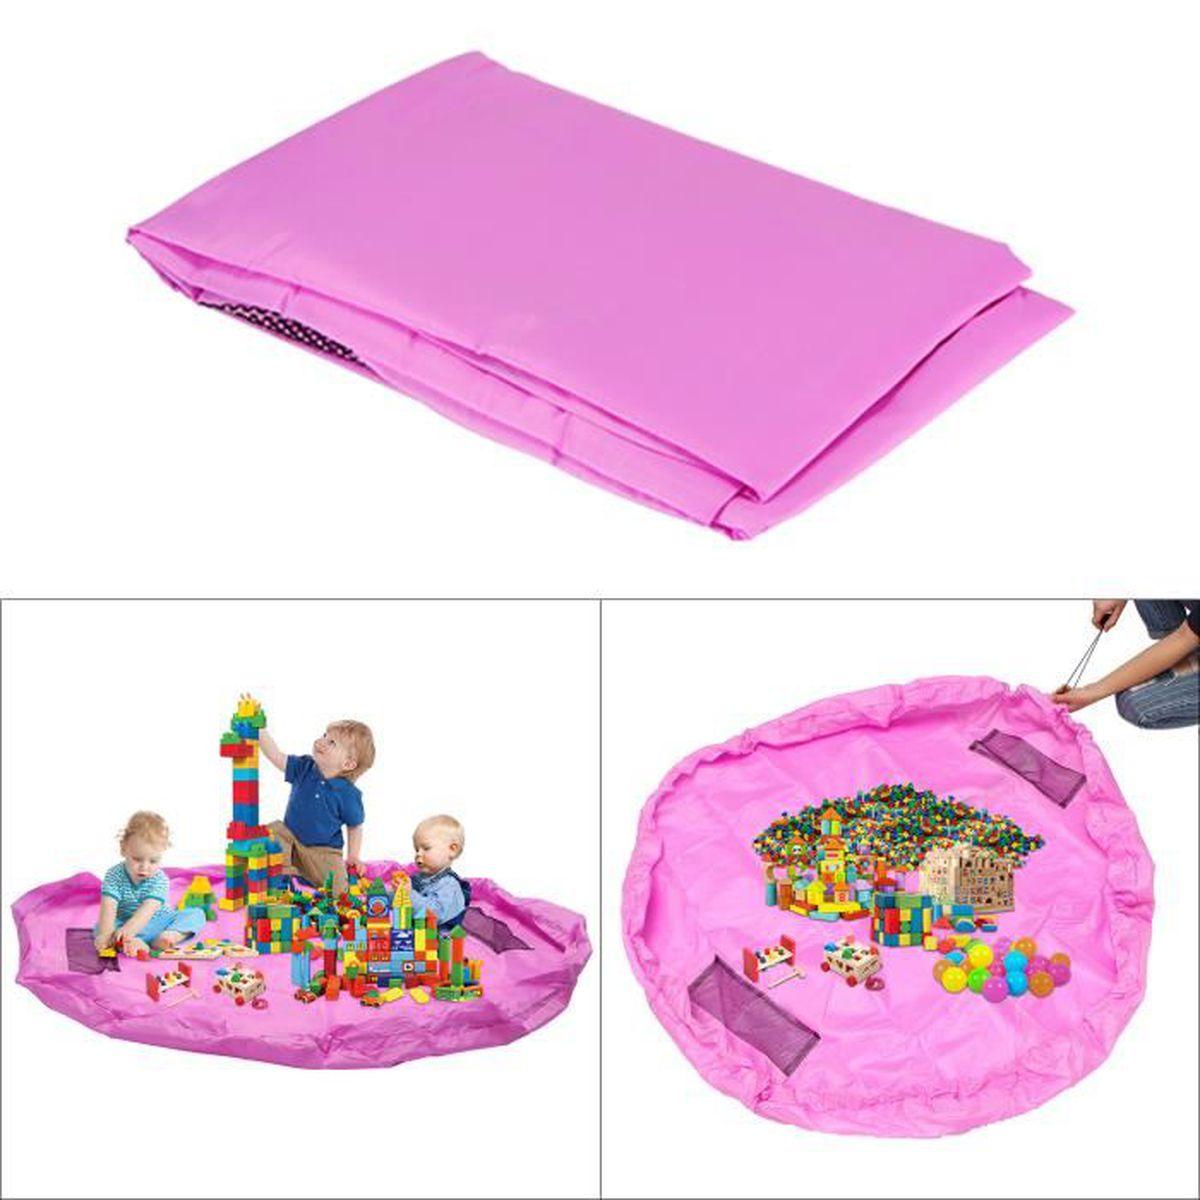 Jeux Rangement De La Maison tapis de jeu rangement sac pour jouets tapis de sol pour